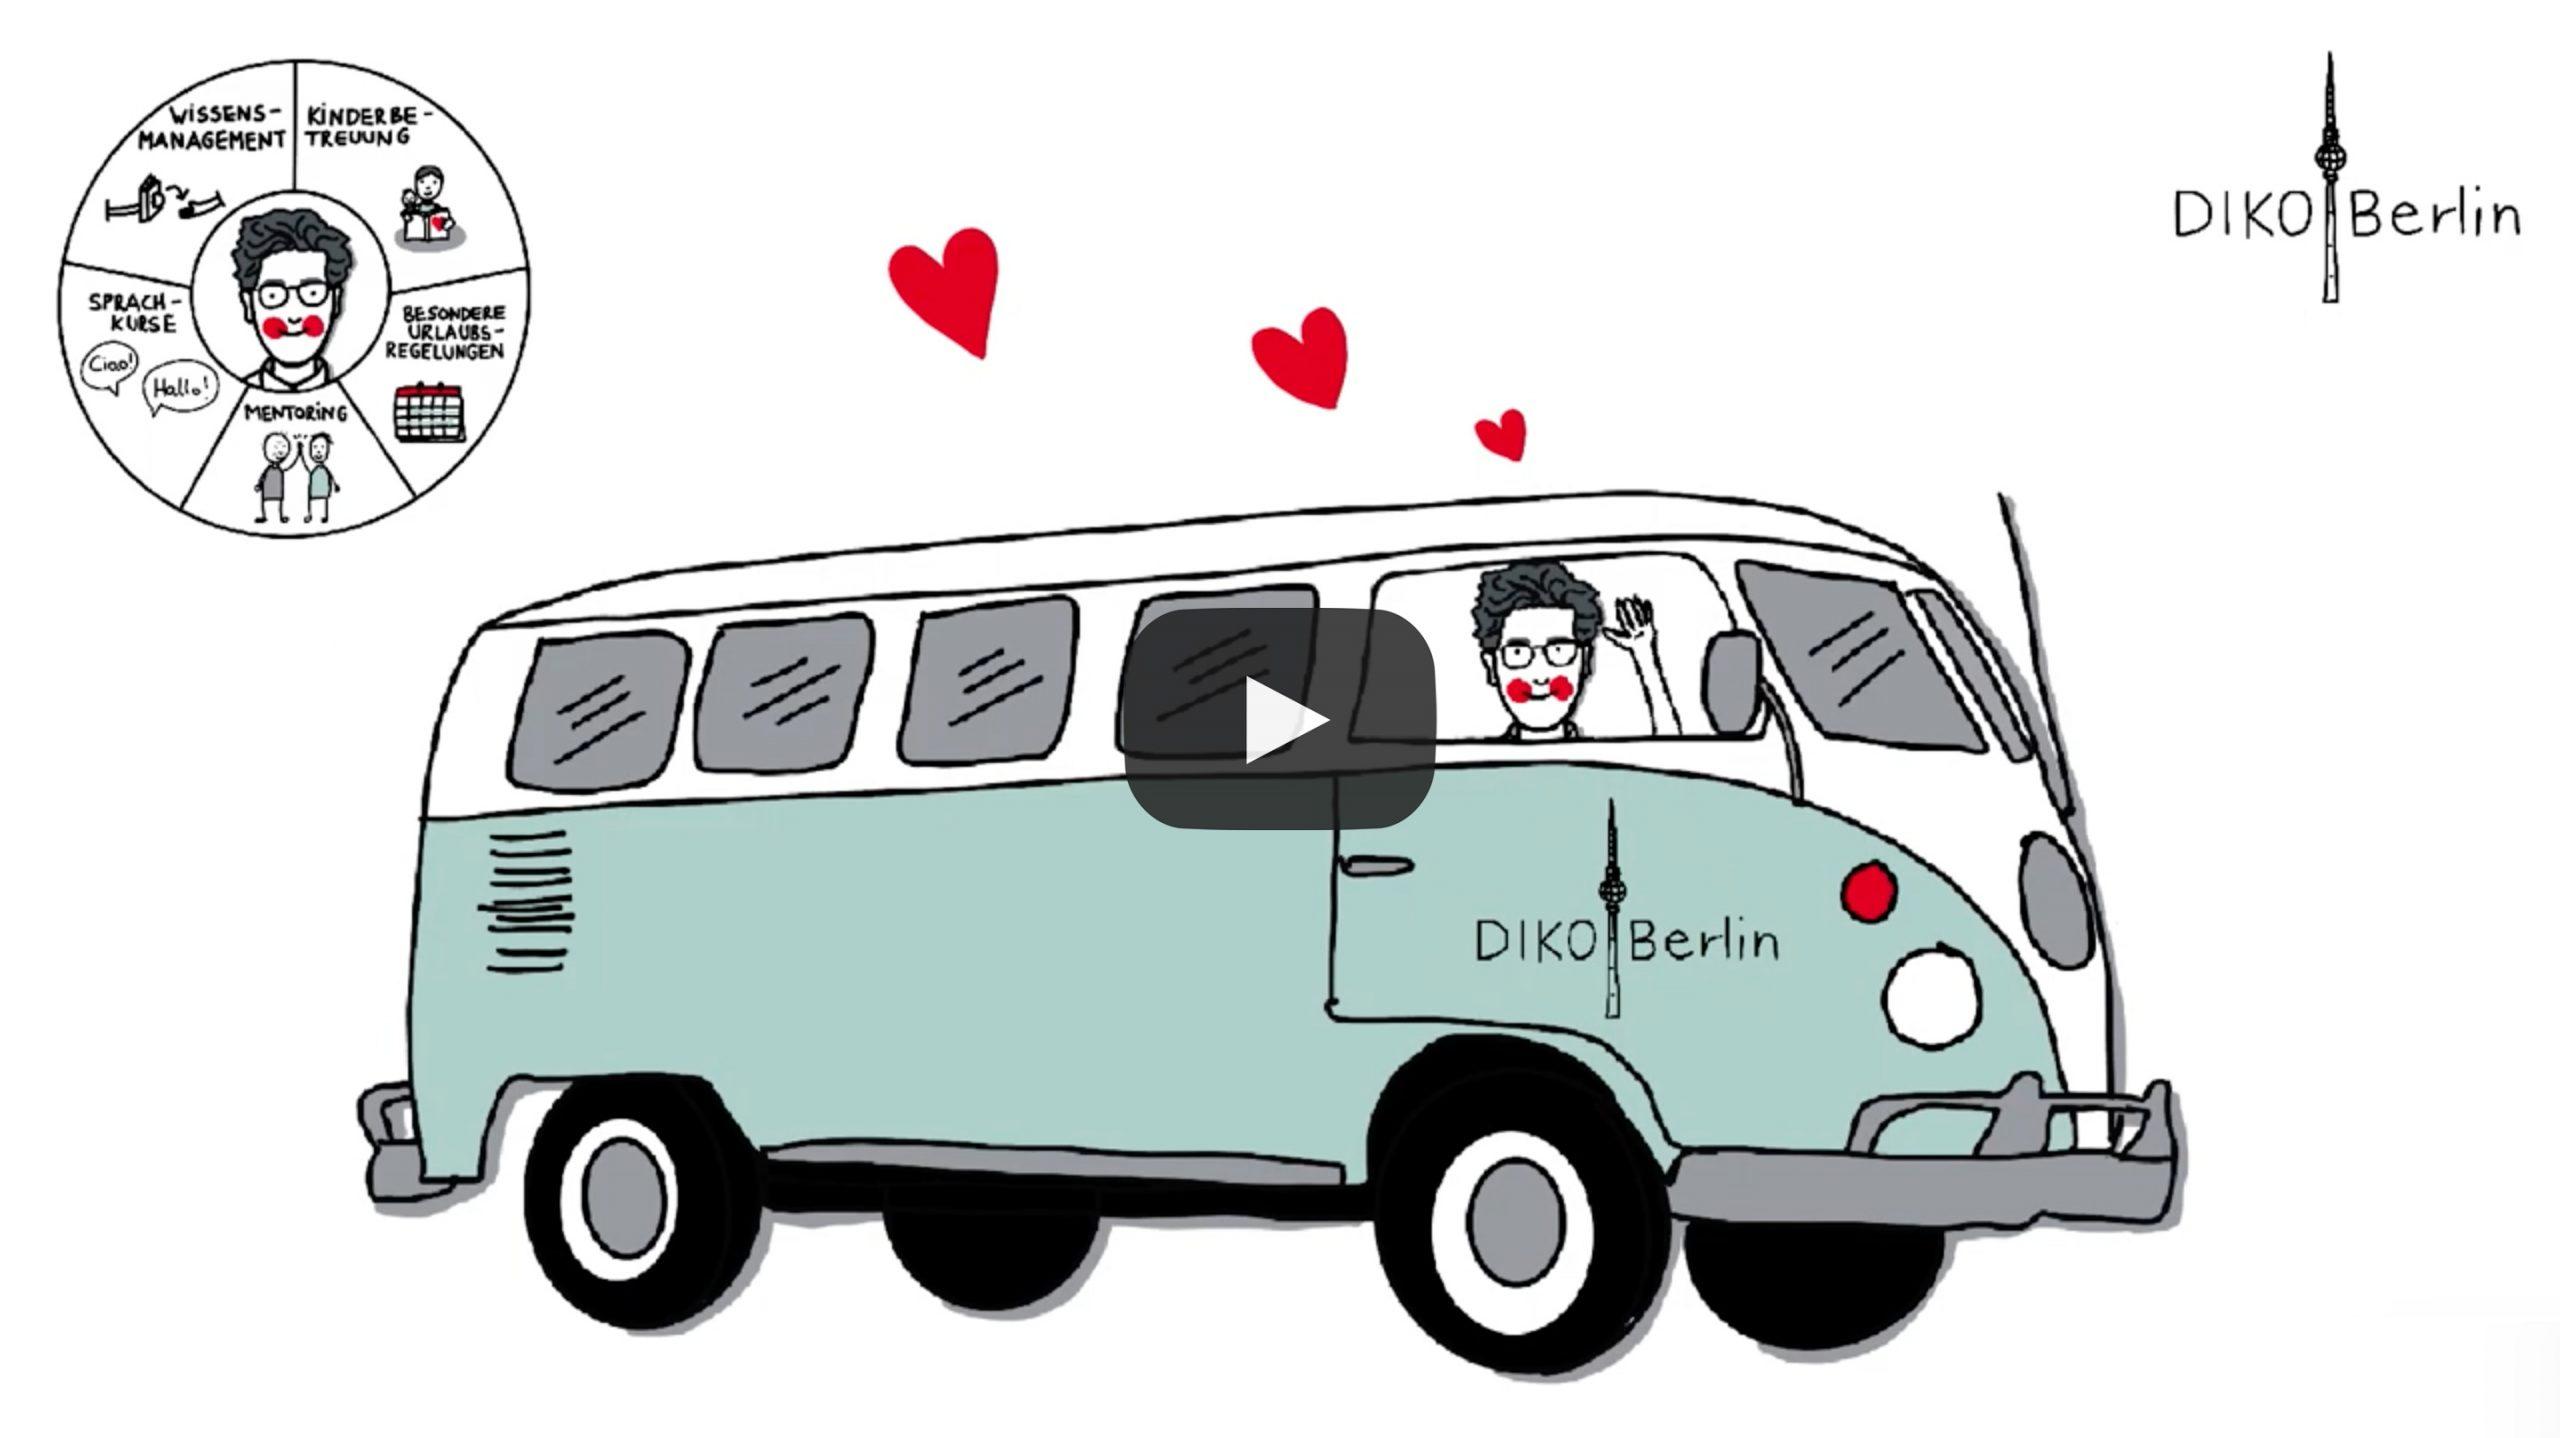 Für Die SPI Stiftung Im IQ Netzwerk Erstellte Nina Neef Einen Erklärfilm Für Das Projekt DIKO Berlin.